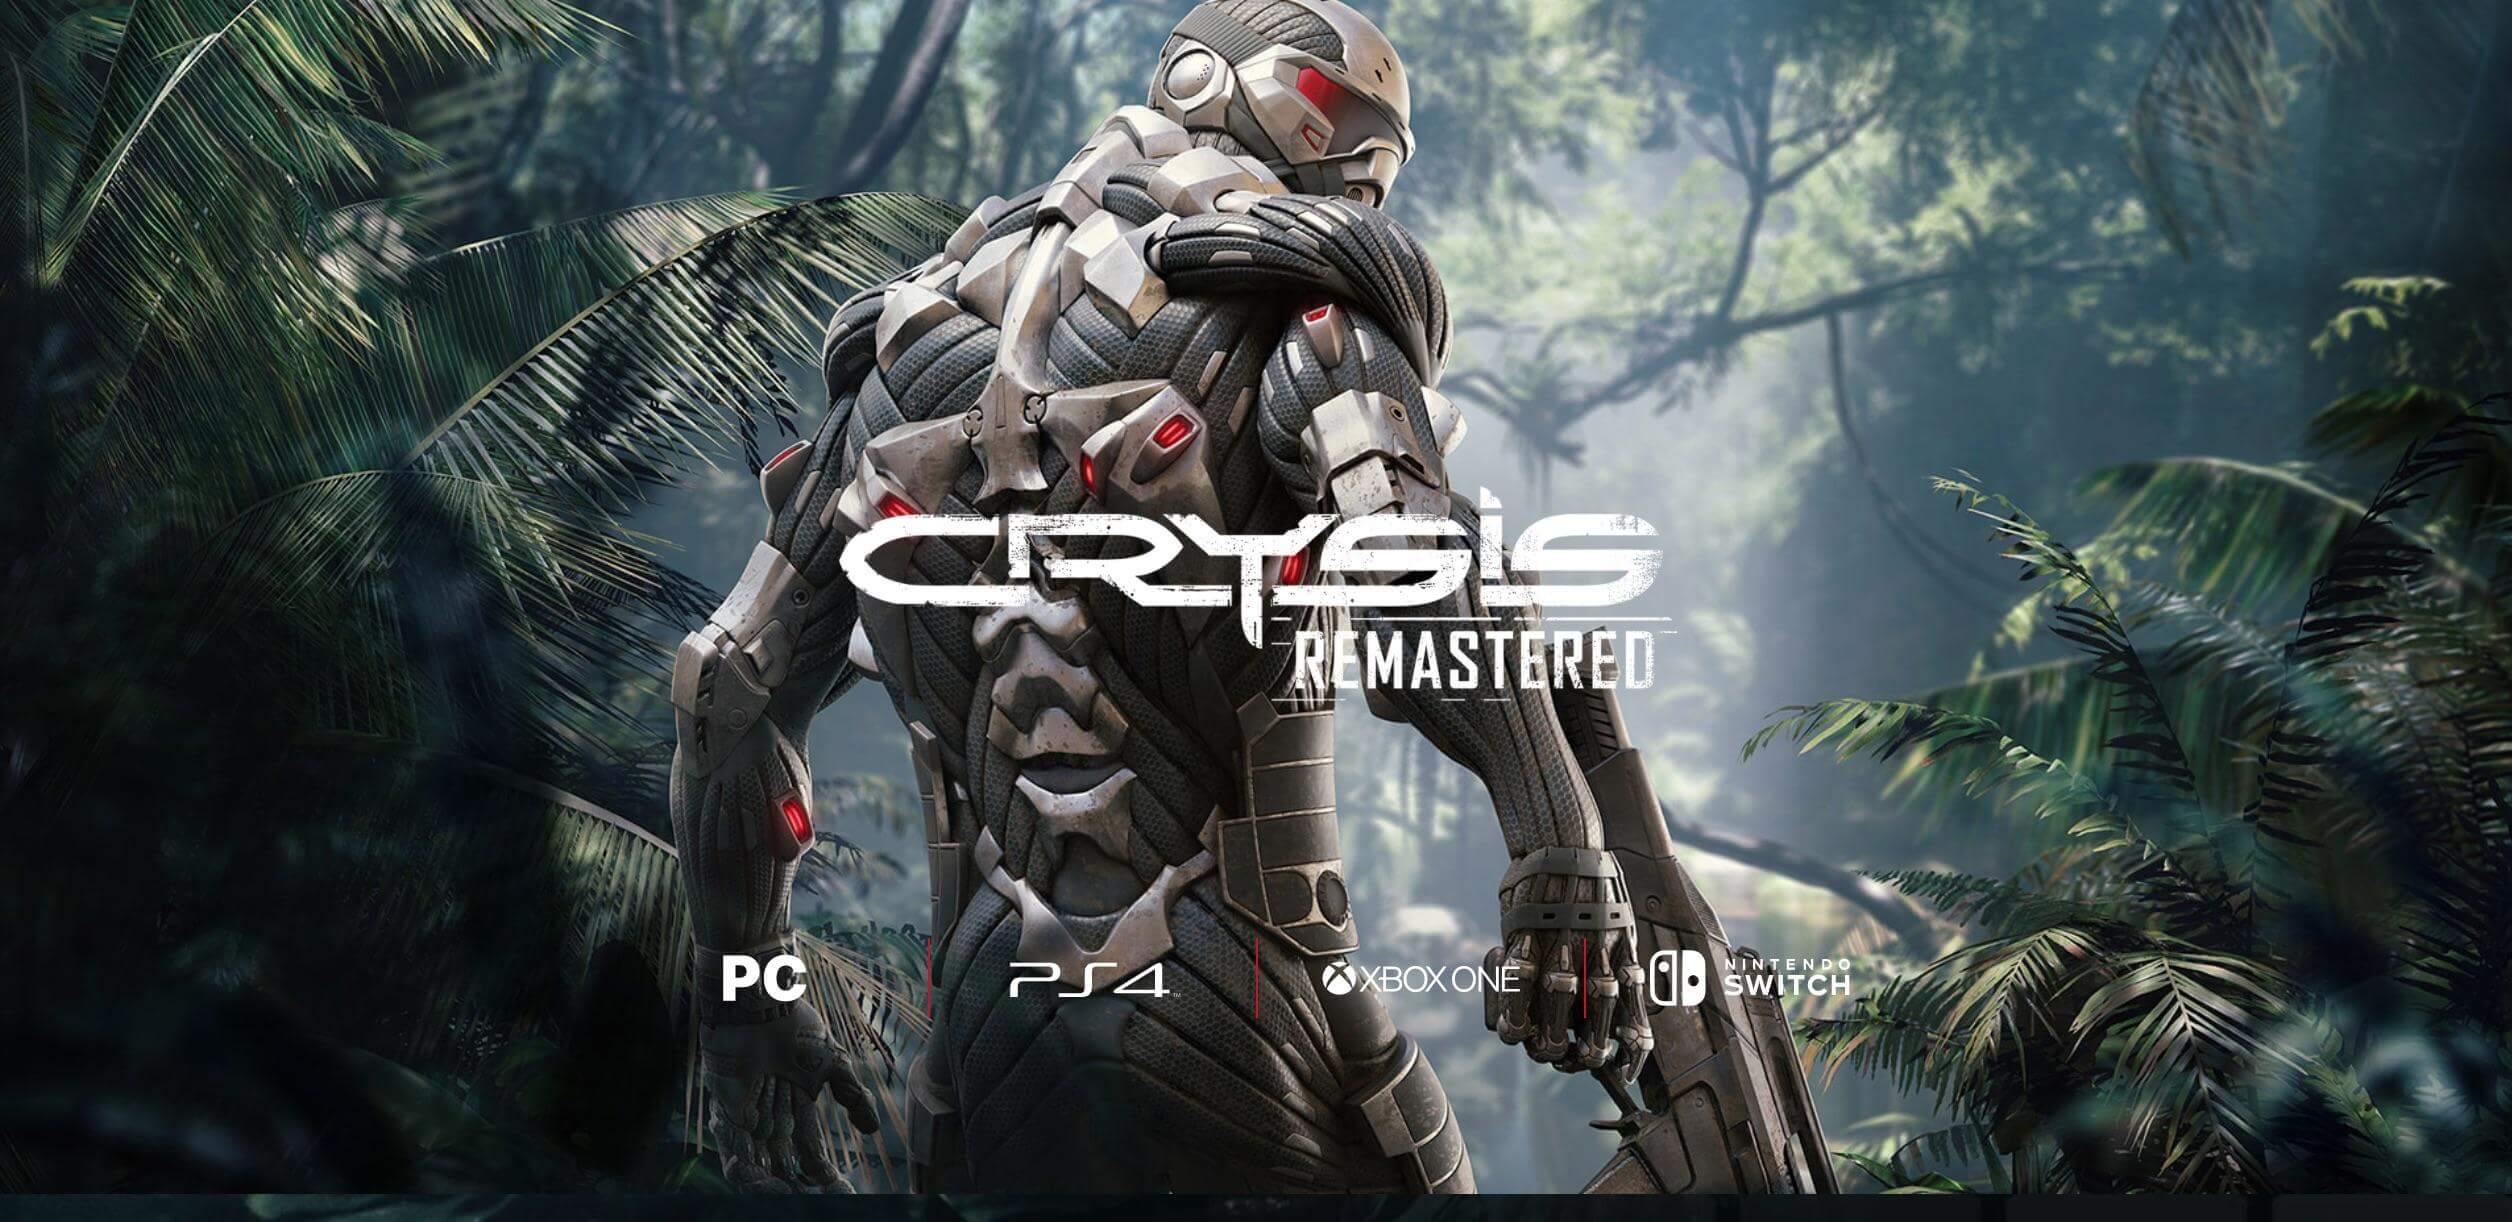 Первый геймплей Crysis Remastered покажут 1 июля